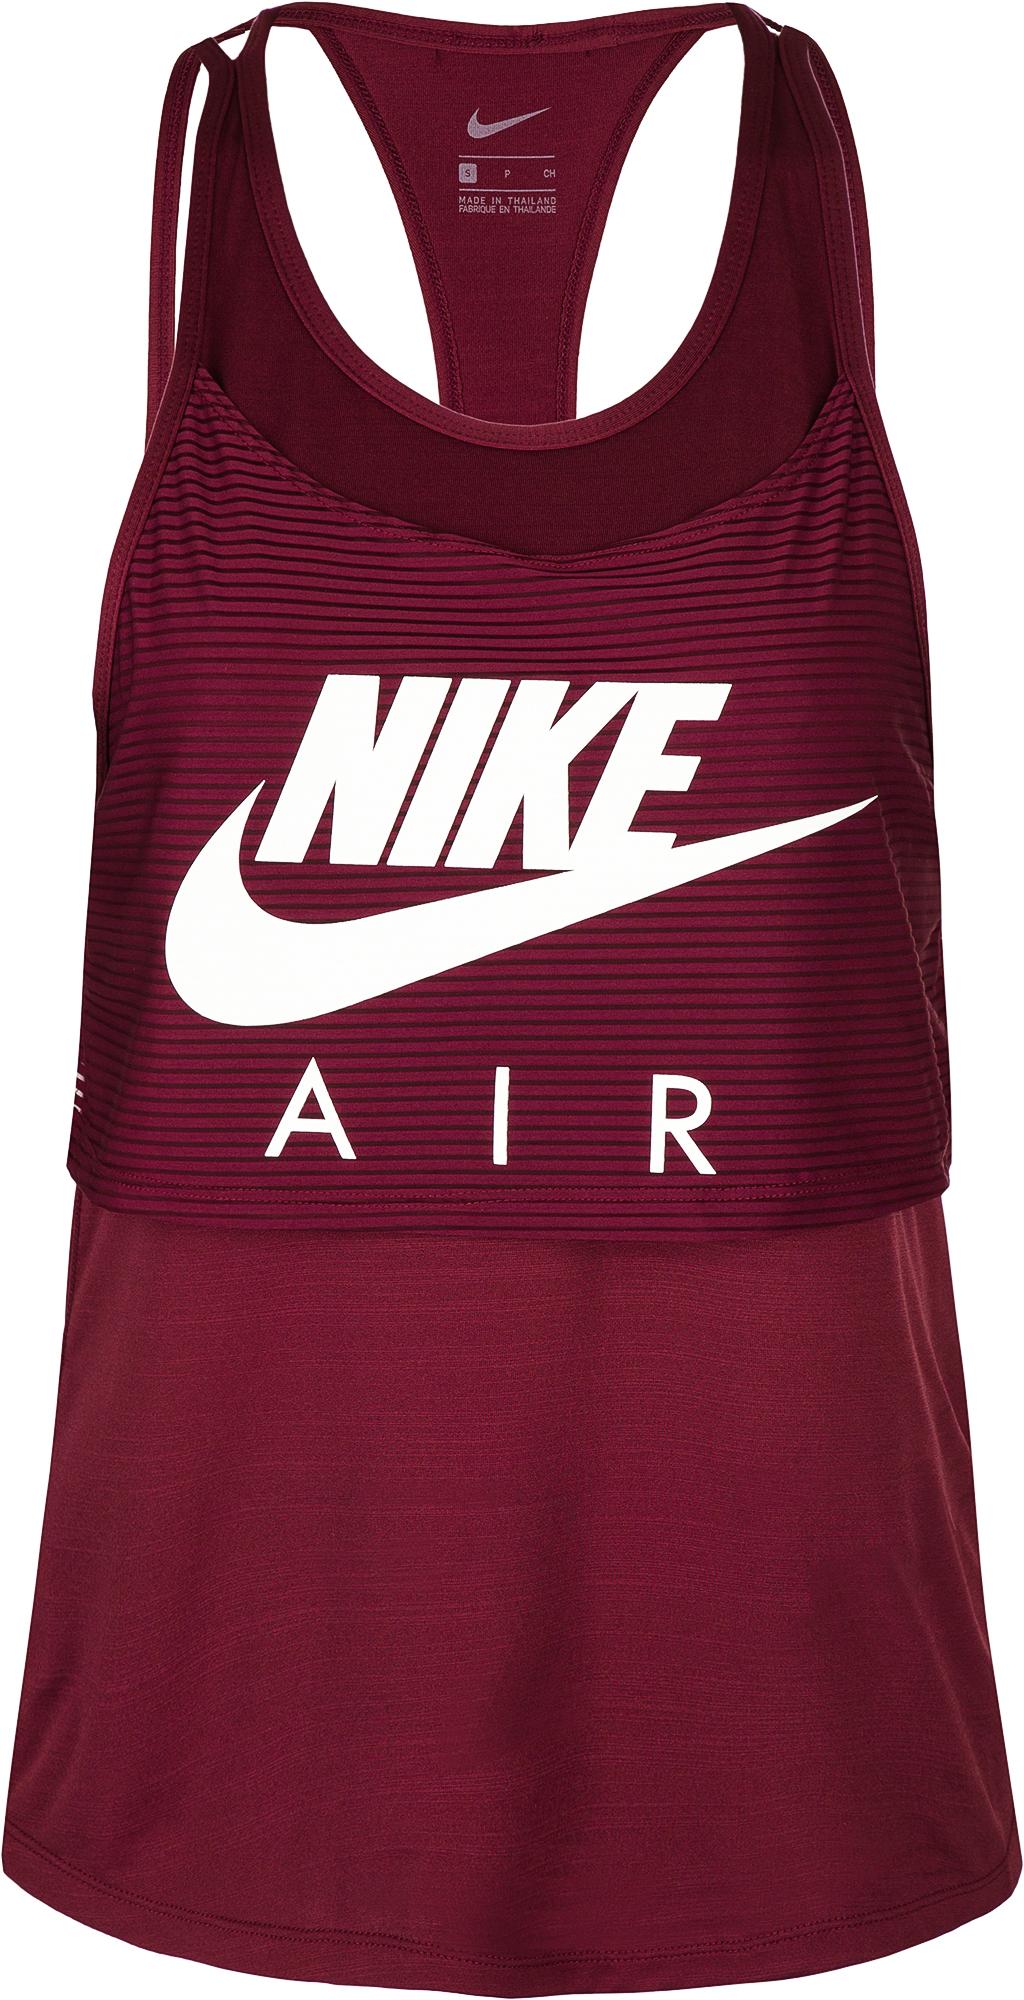 Nike Майка женская Nike Air, размер 46-48